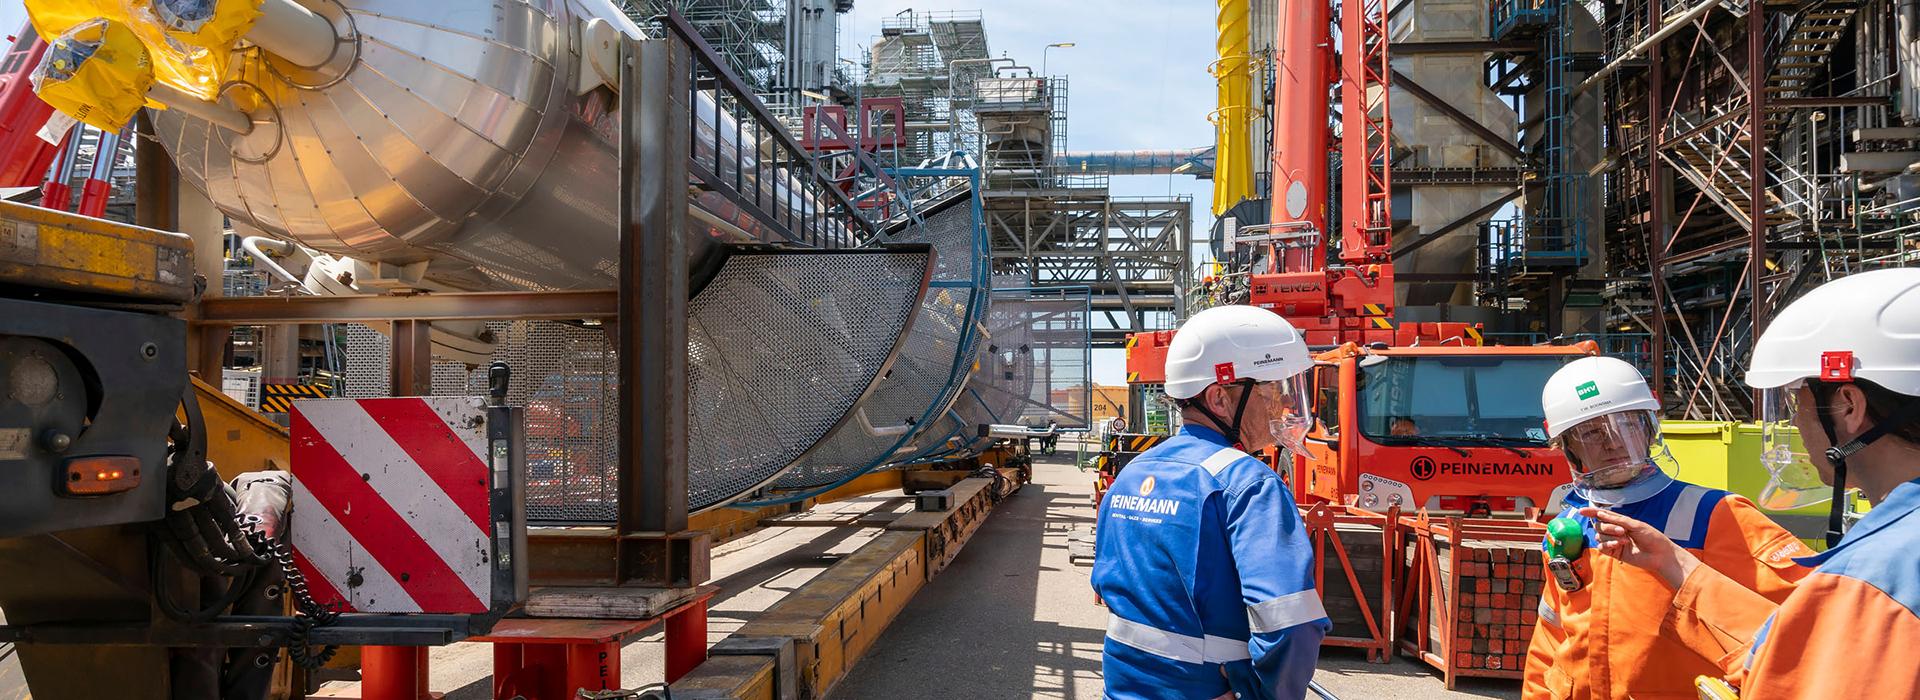 visser & smit hanab projecten zeeland refinery